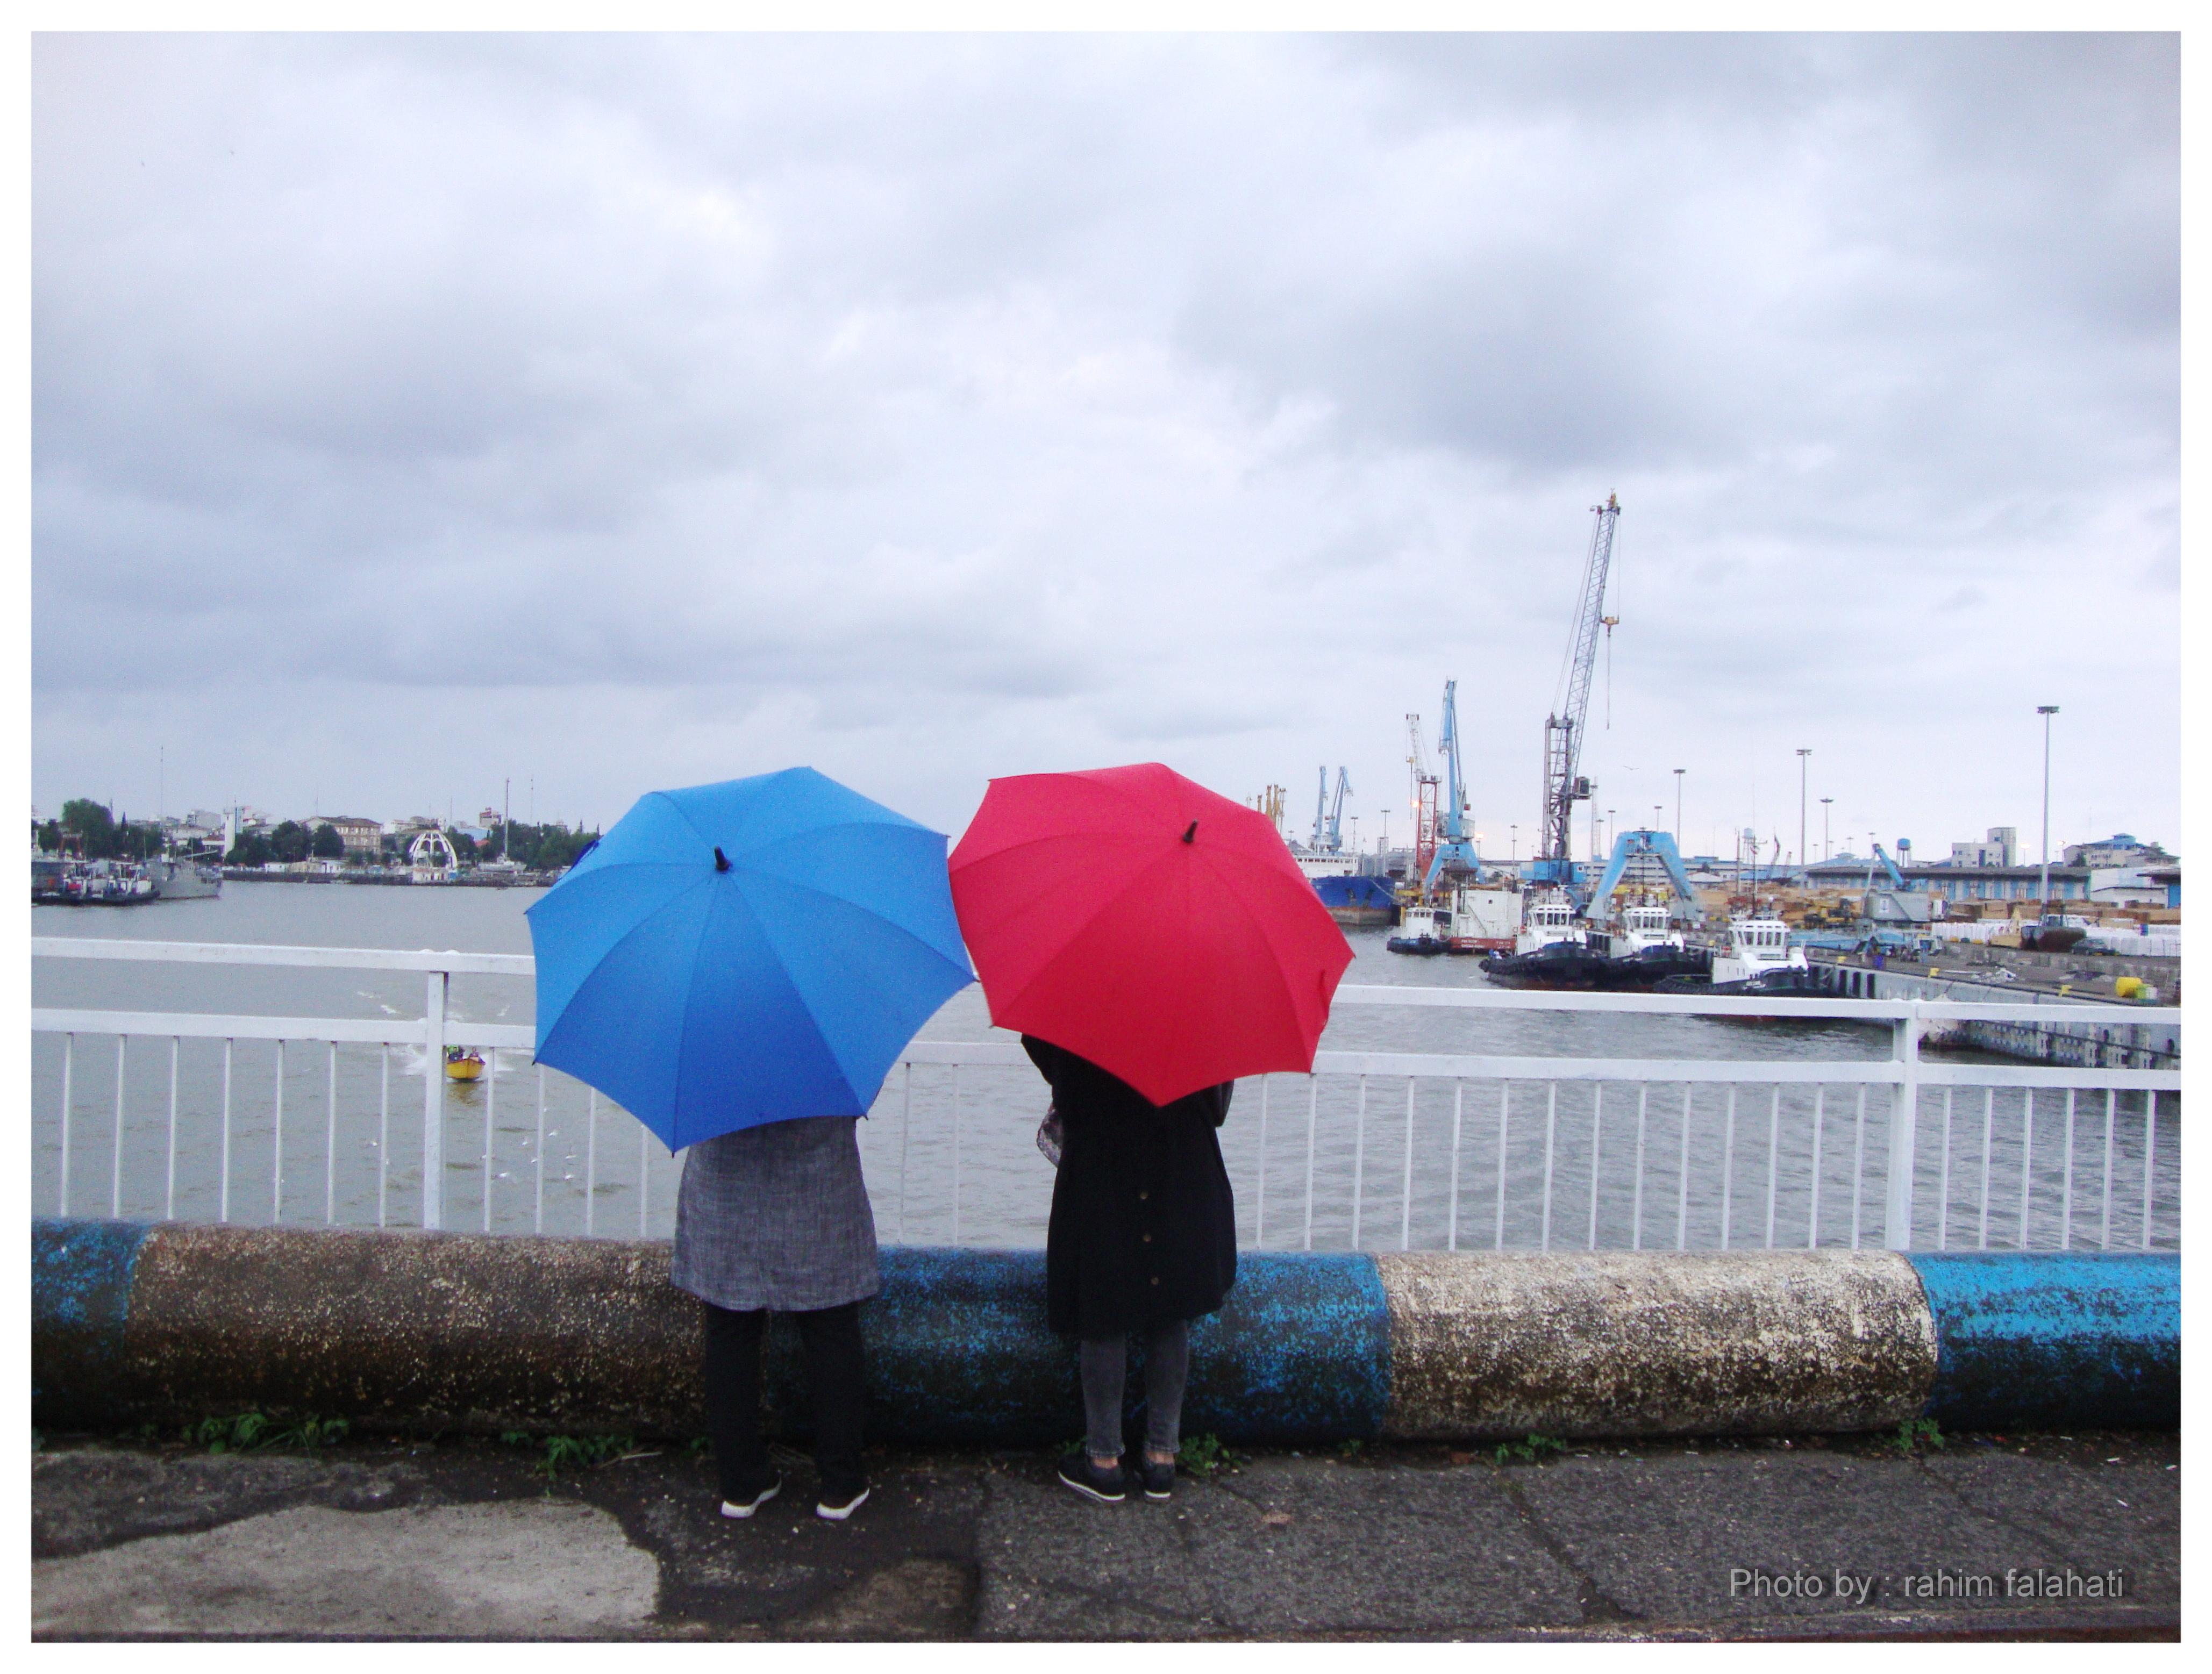 دختران آبی و قرمز - پل غازیان